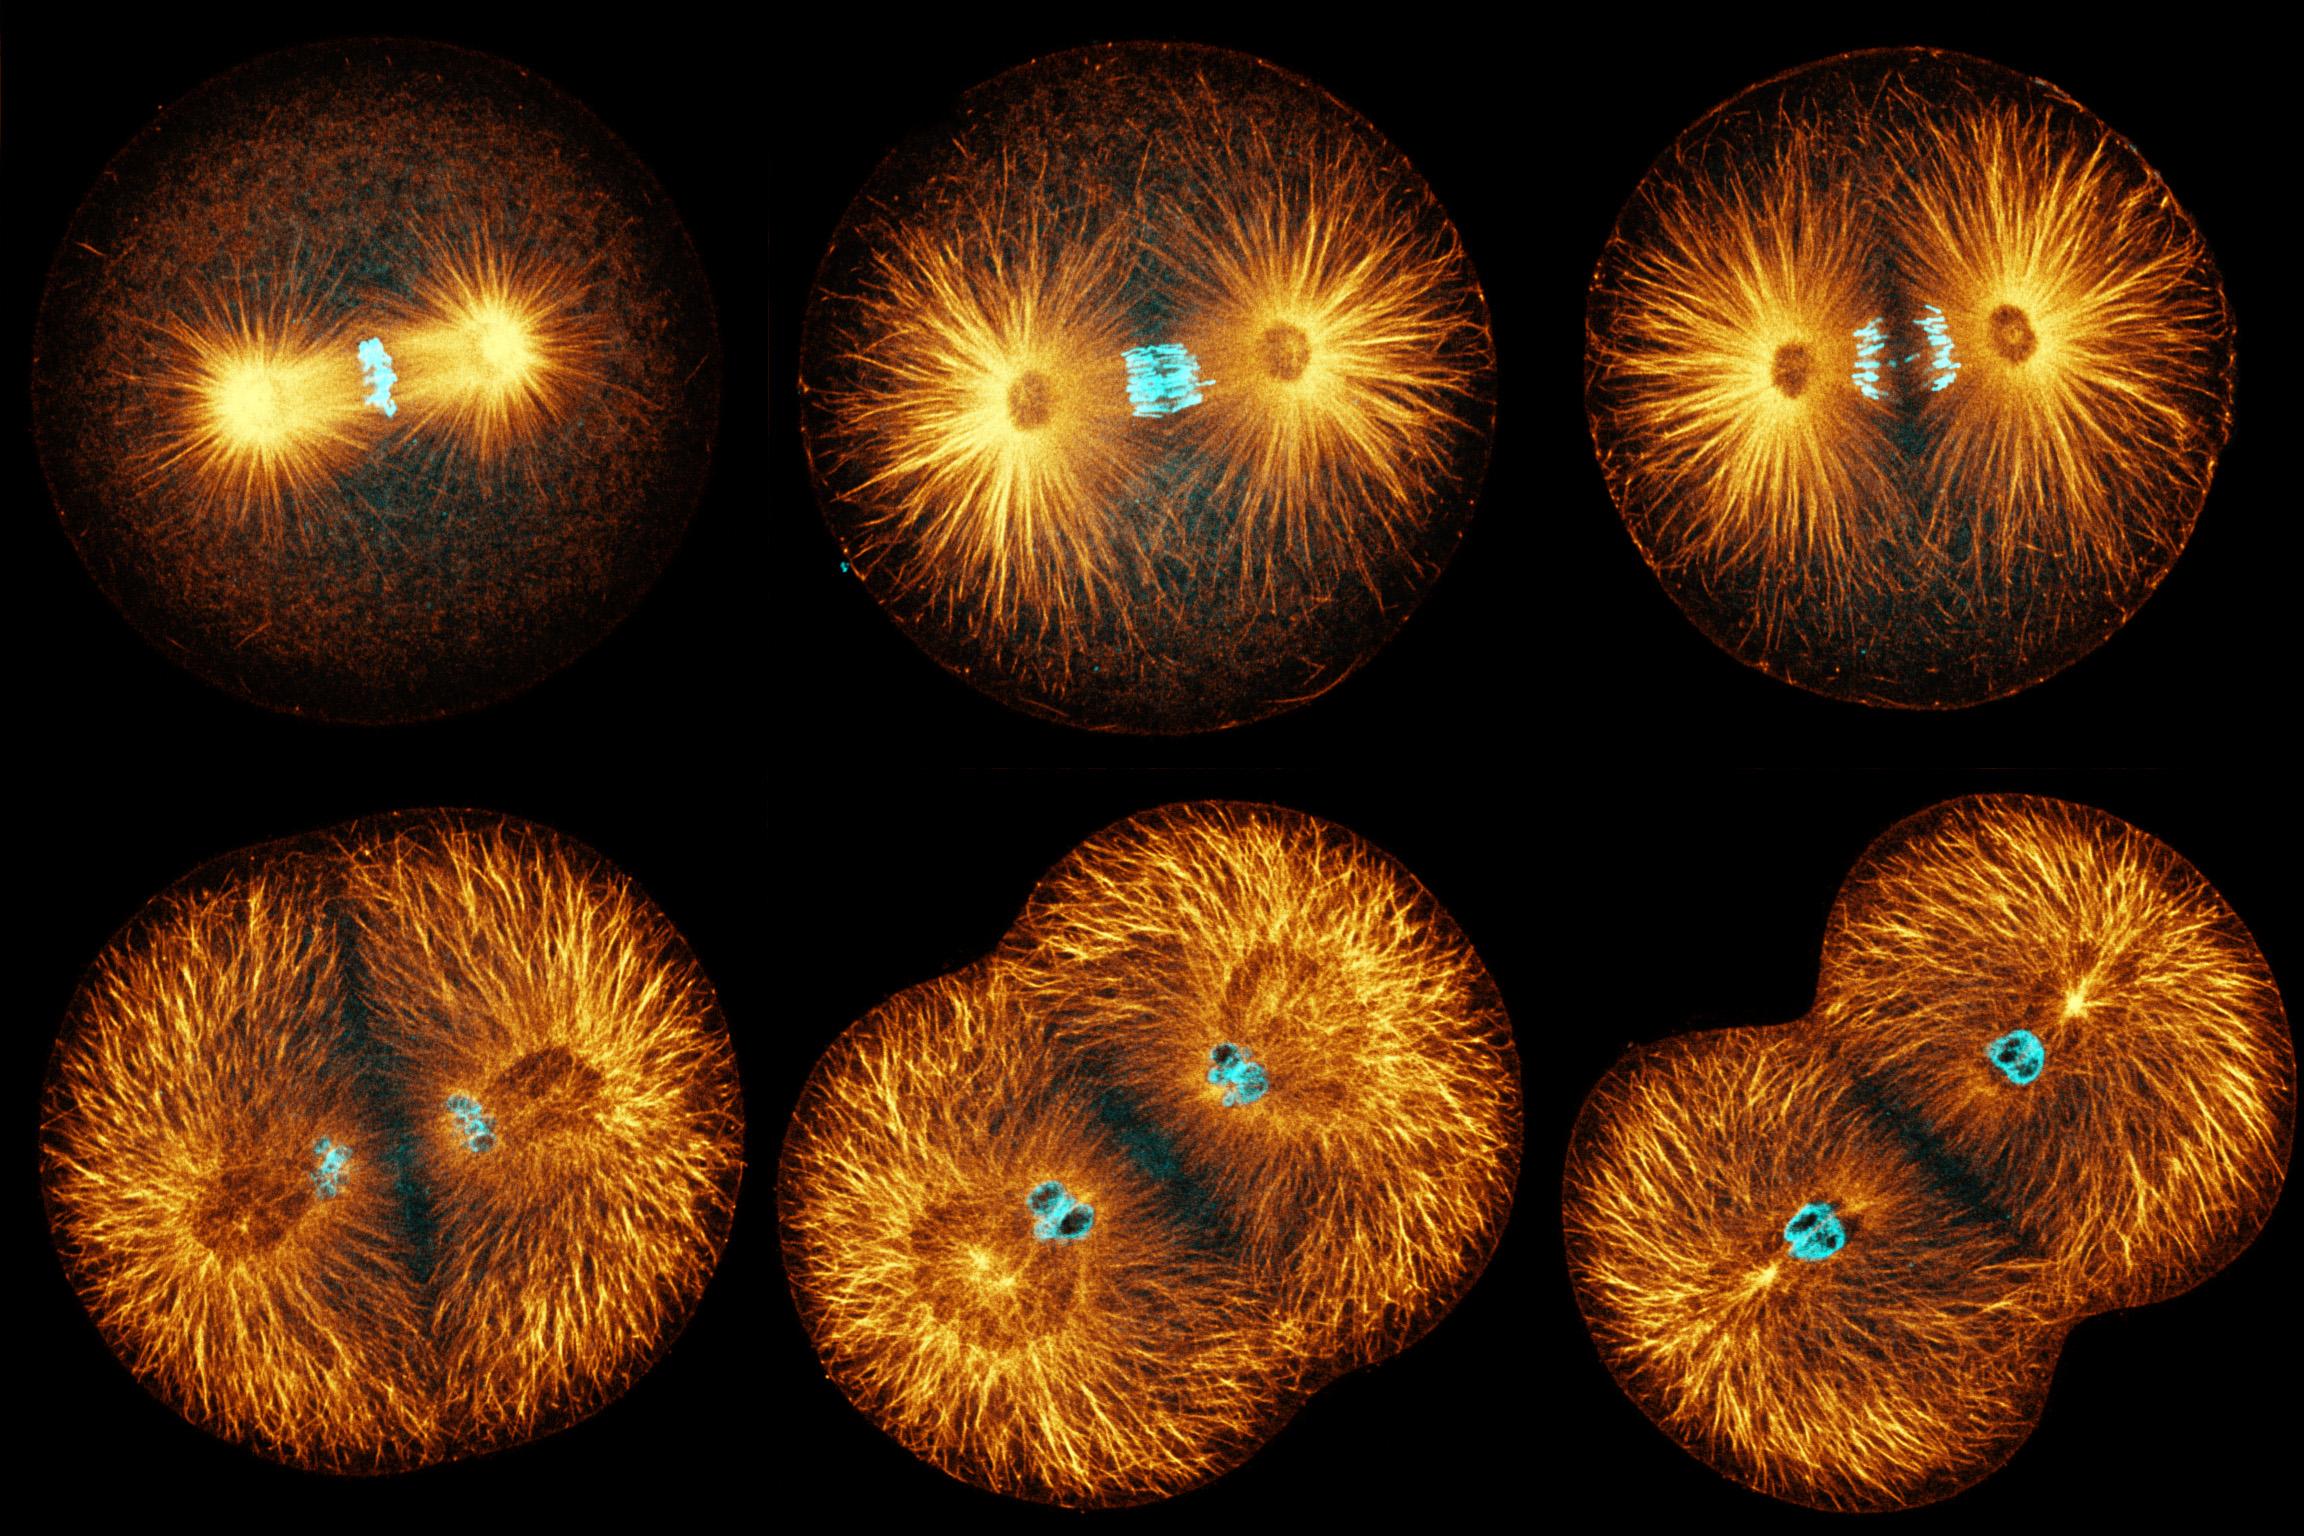 Kangaroo Kidney Cells Mitosis